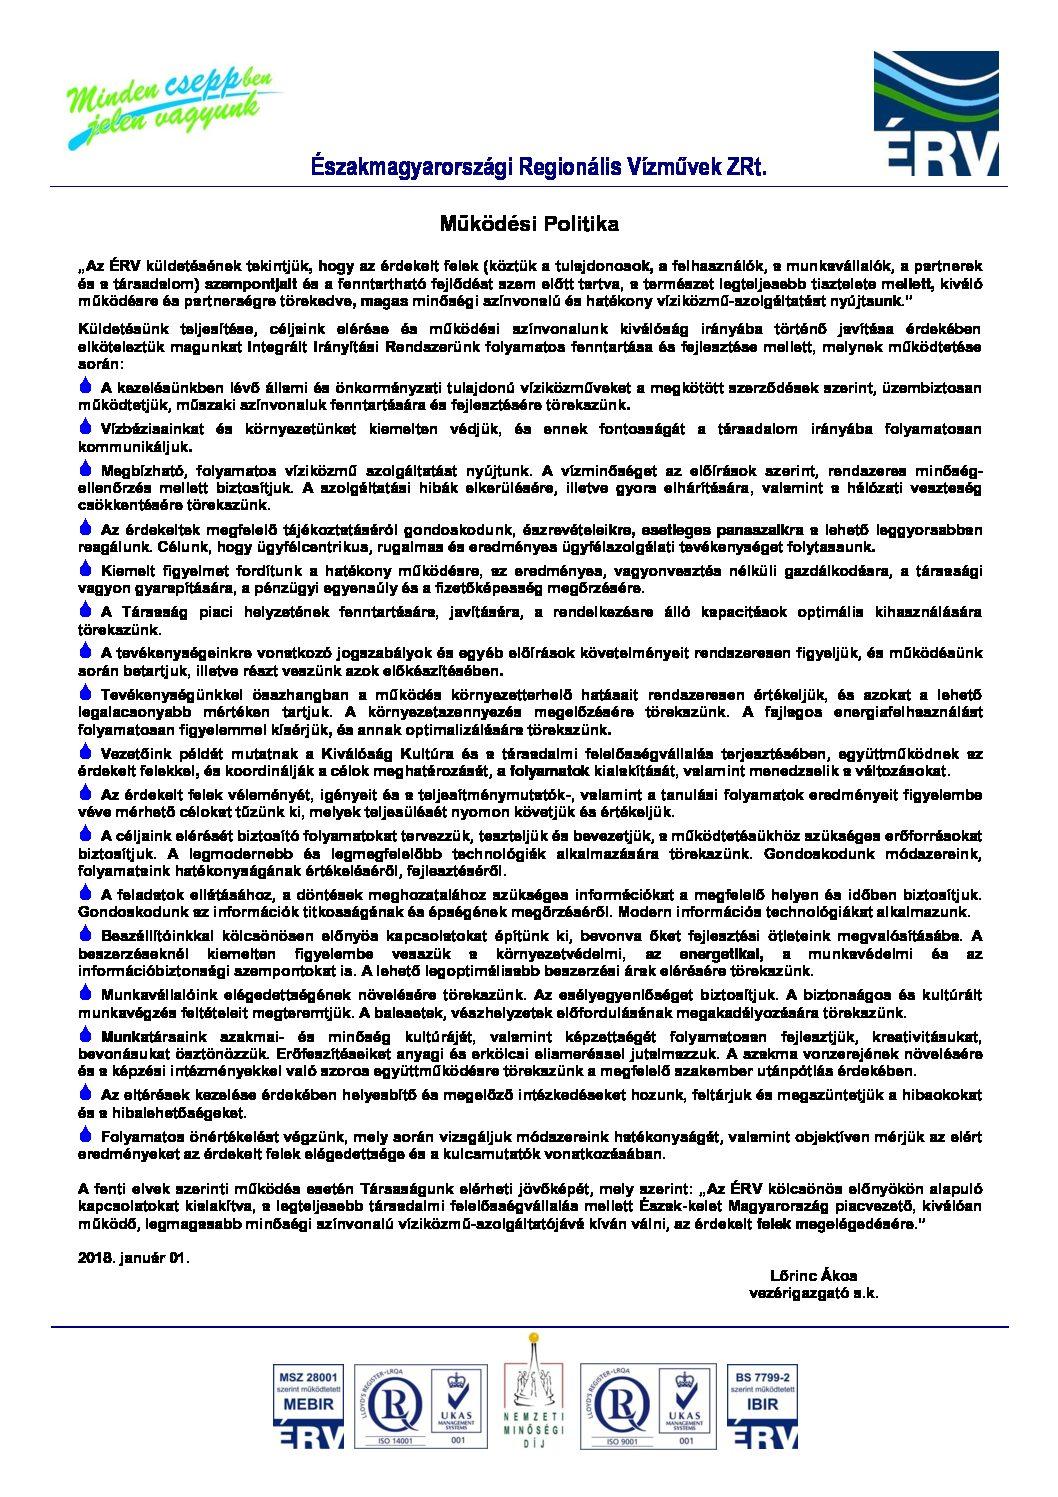 Működési Politika 20180101-m3